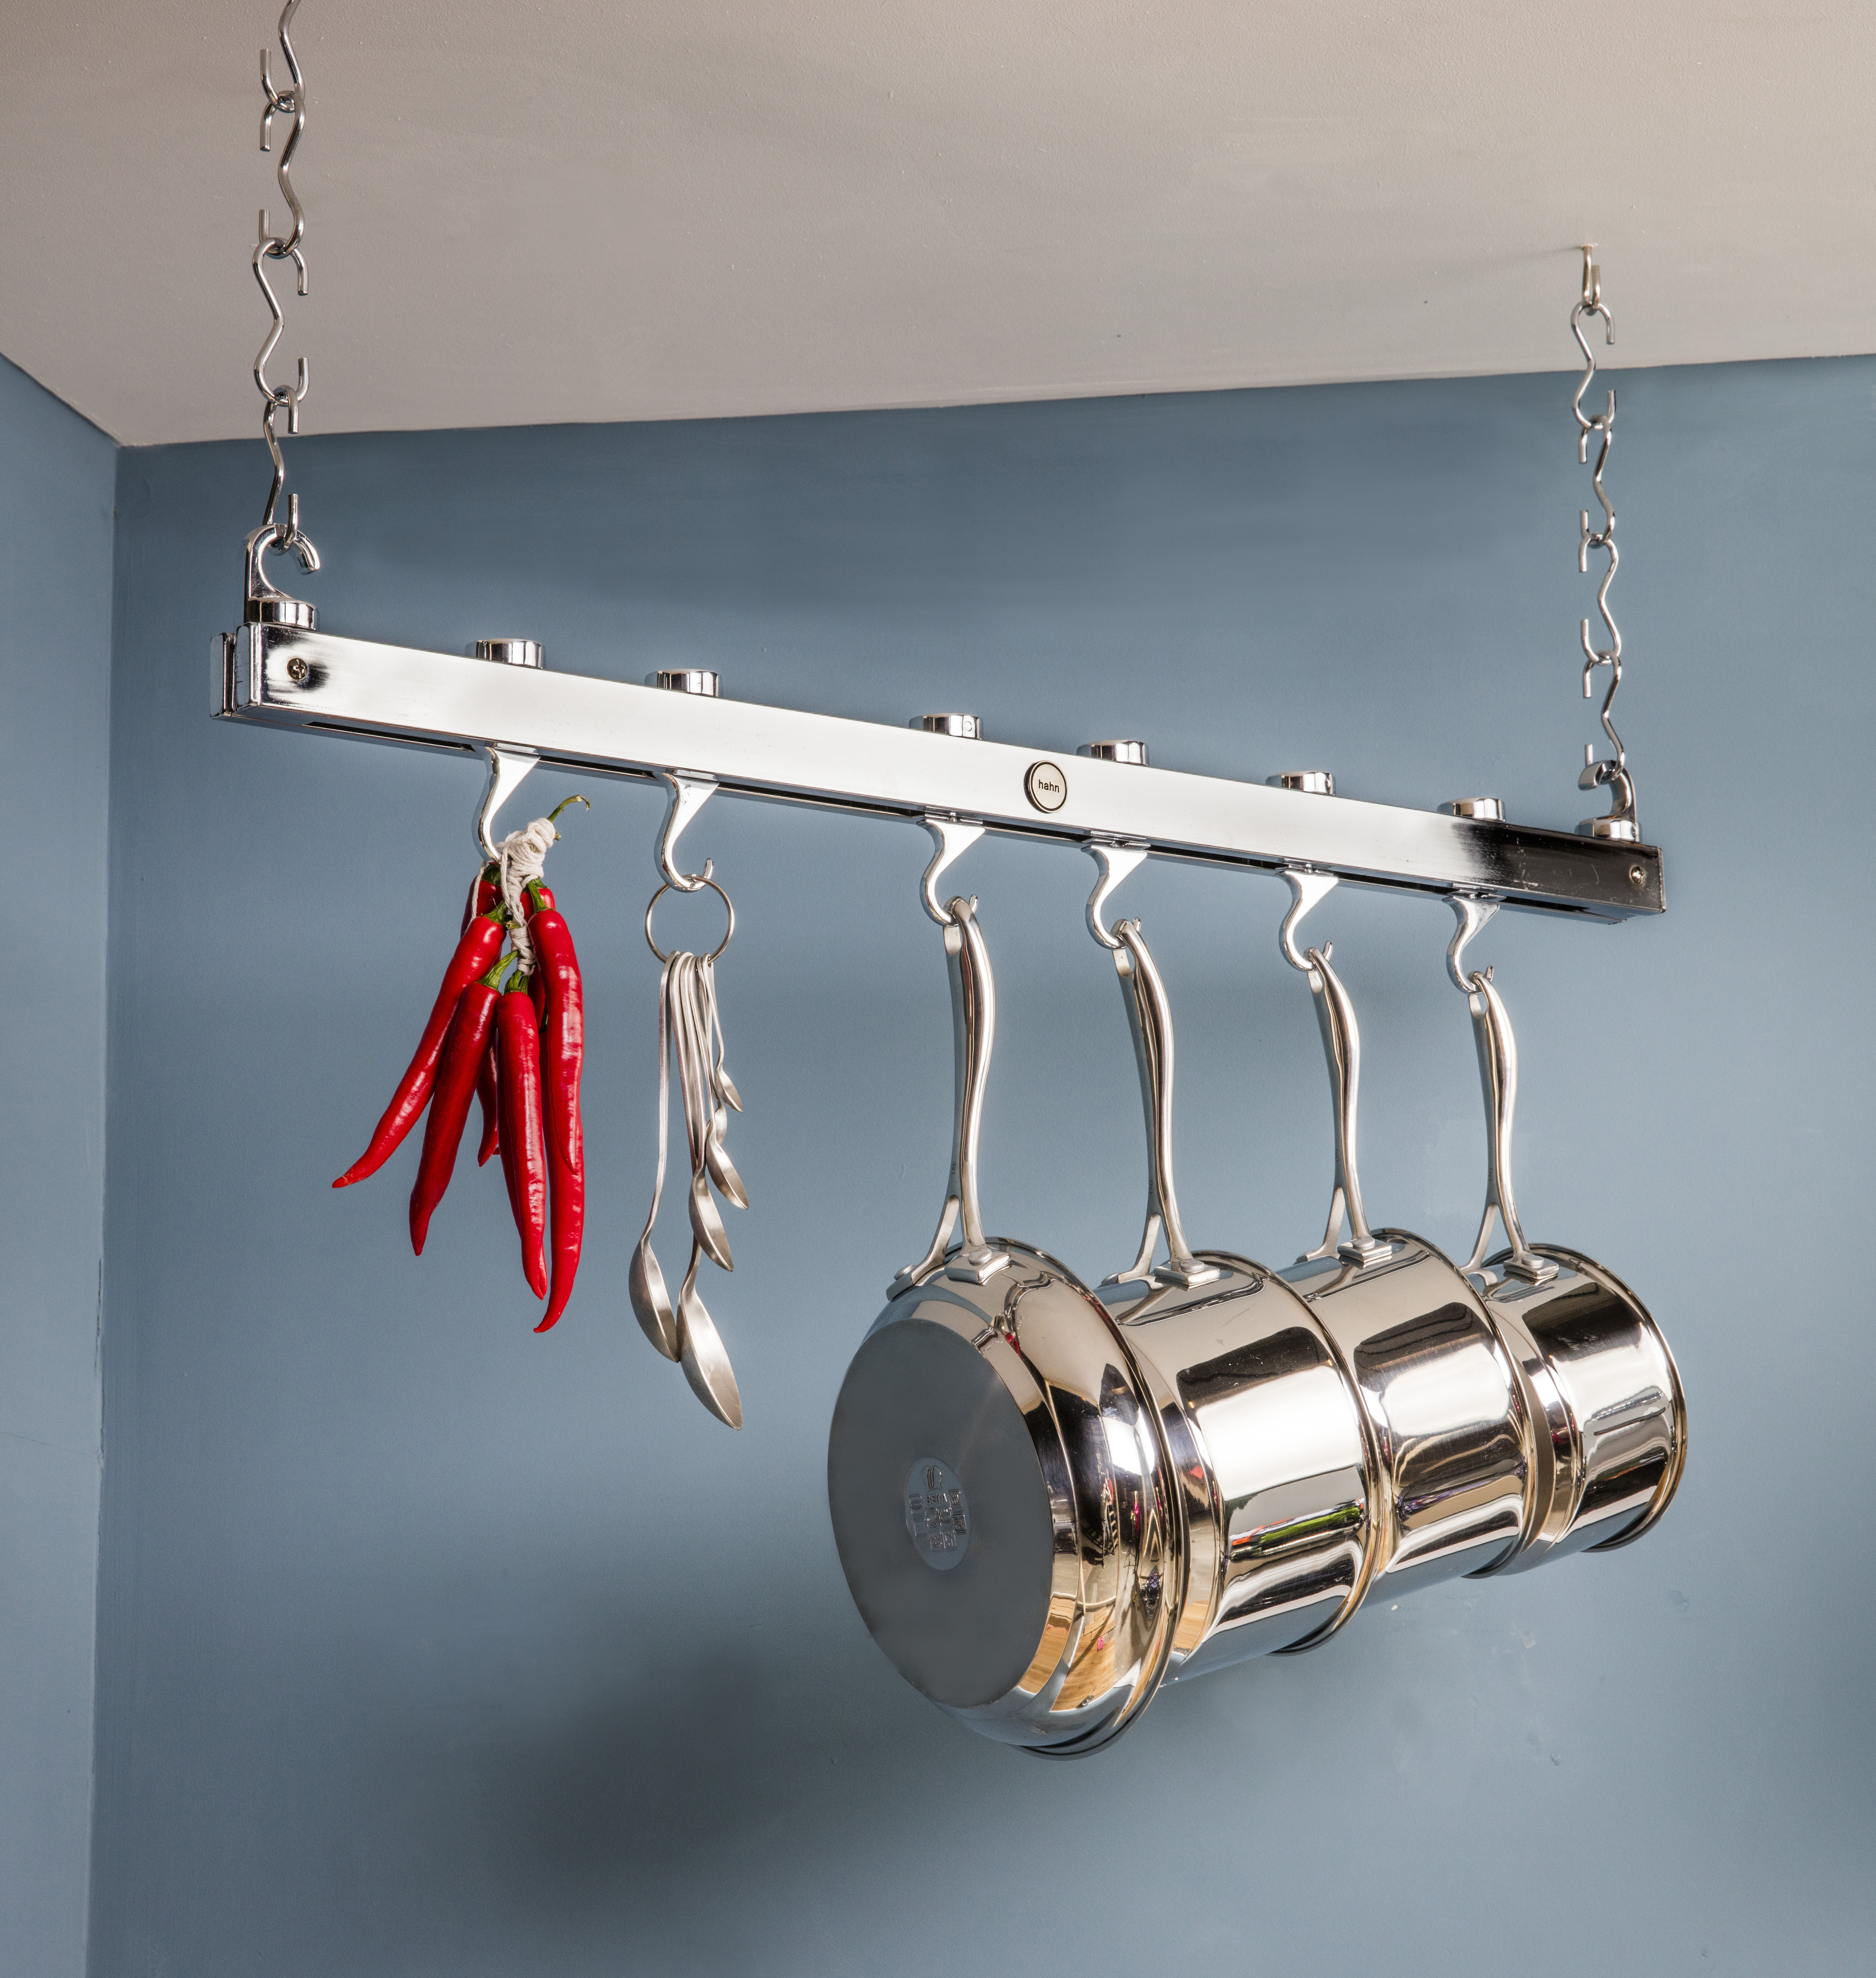 Bild Aufhängung für Töpfe und Pfannen länglich Hahn Kitchenware chrome